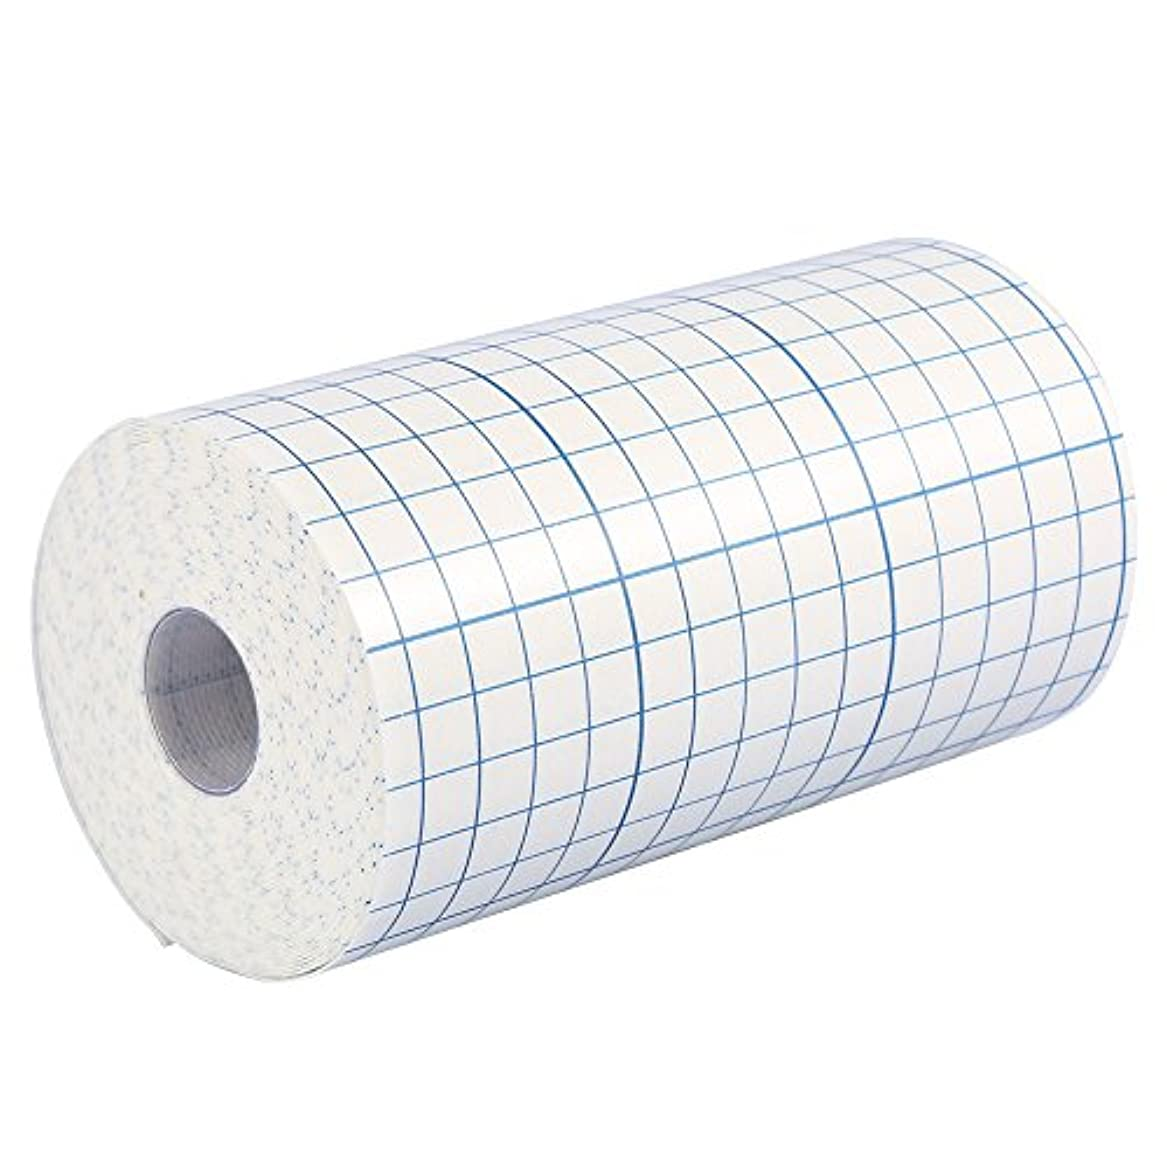 見出し維持子3サイズ1ロールプロフェッショナル不織布接着創傷ドレッシング医療用固定テープ包帯(15cm x 10m)